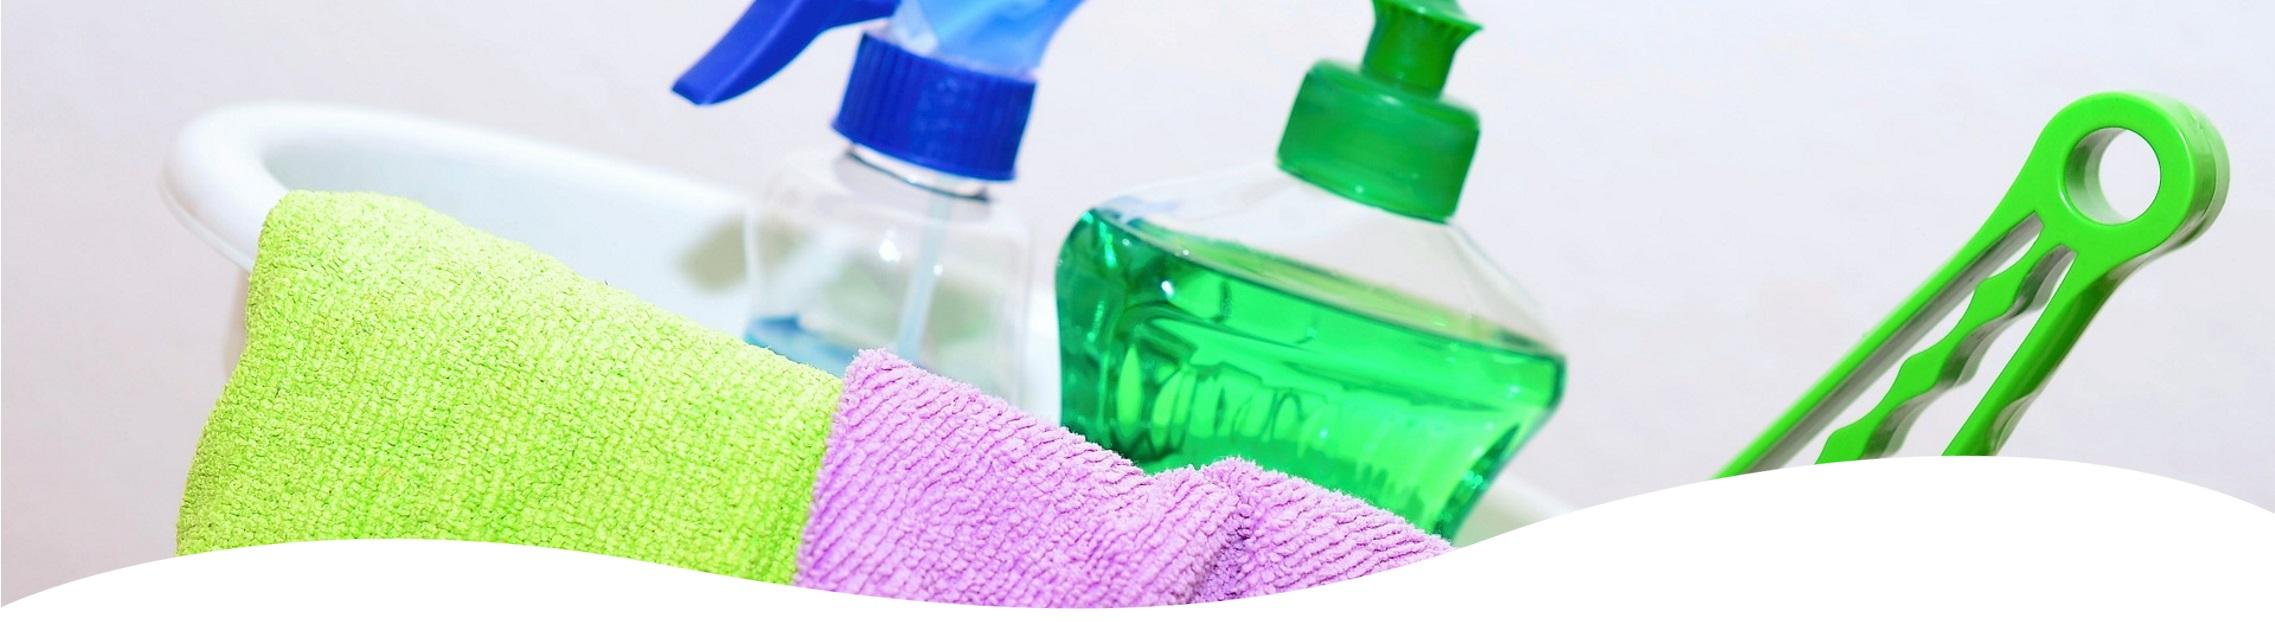 vacature huishoudelijke hulp